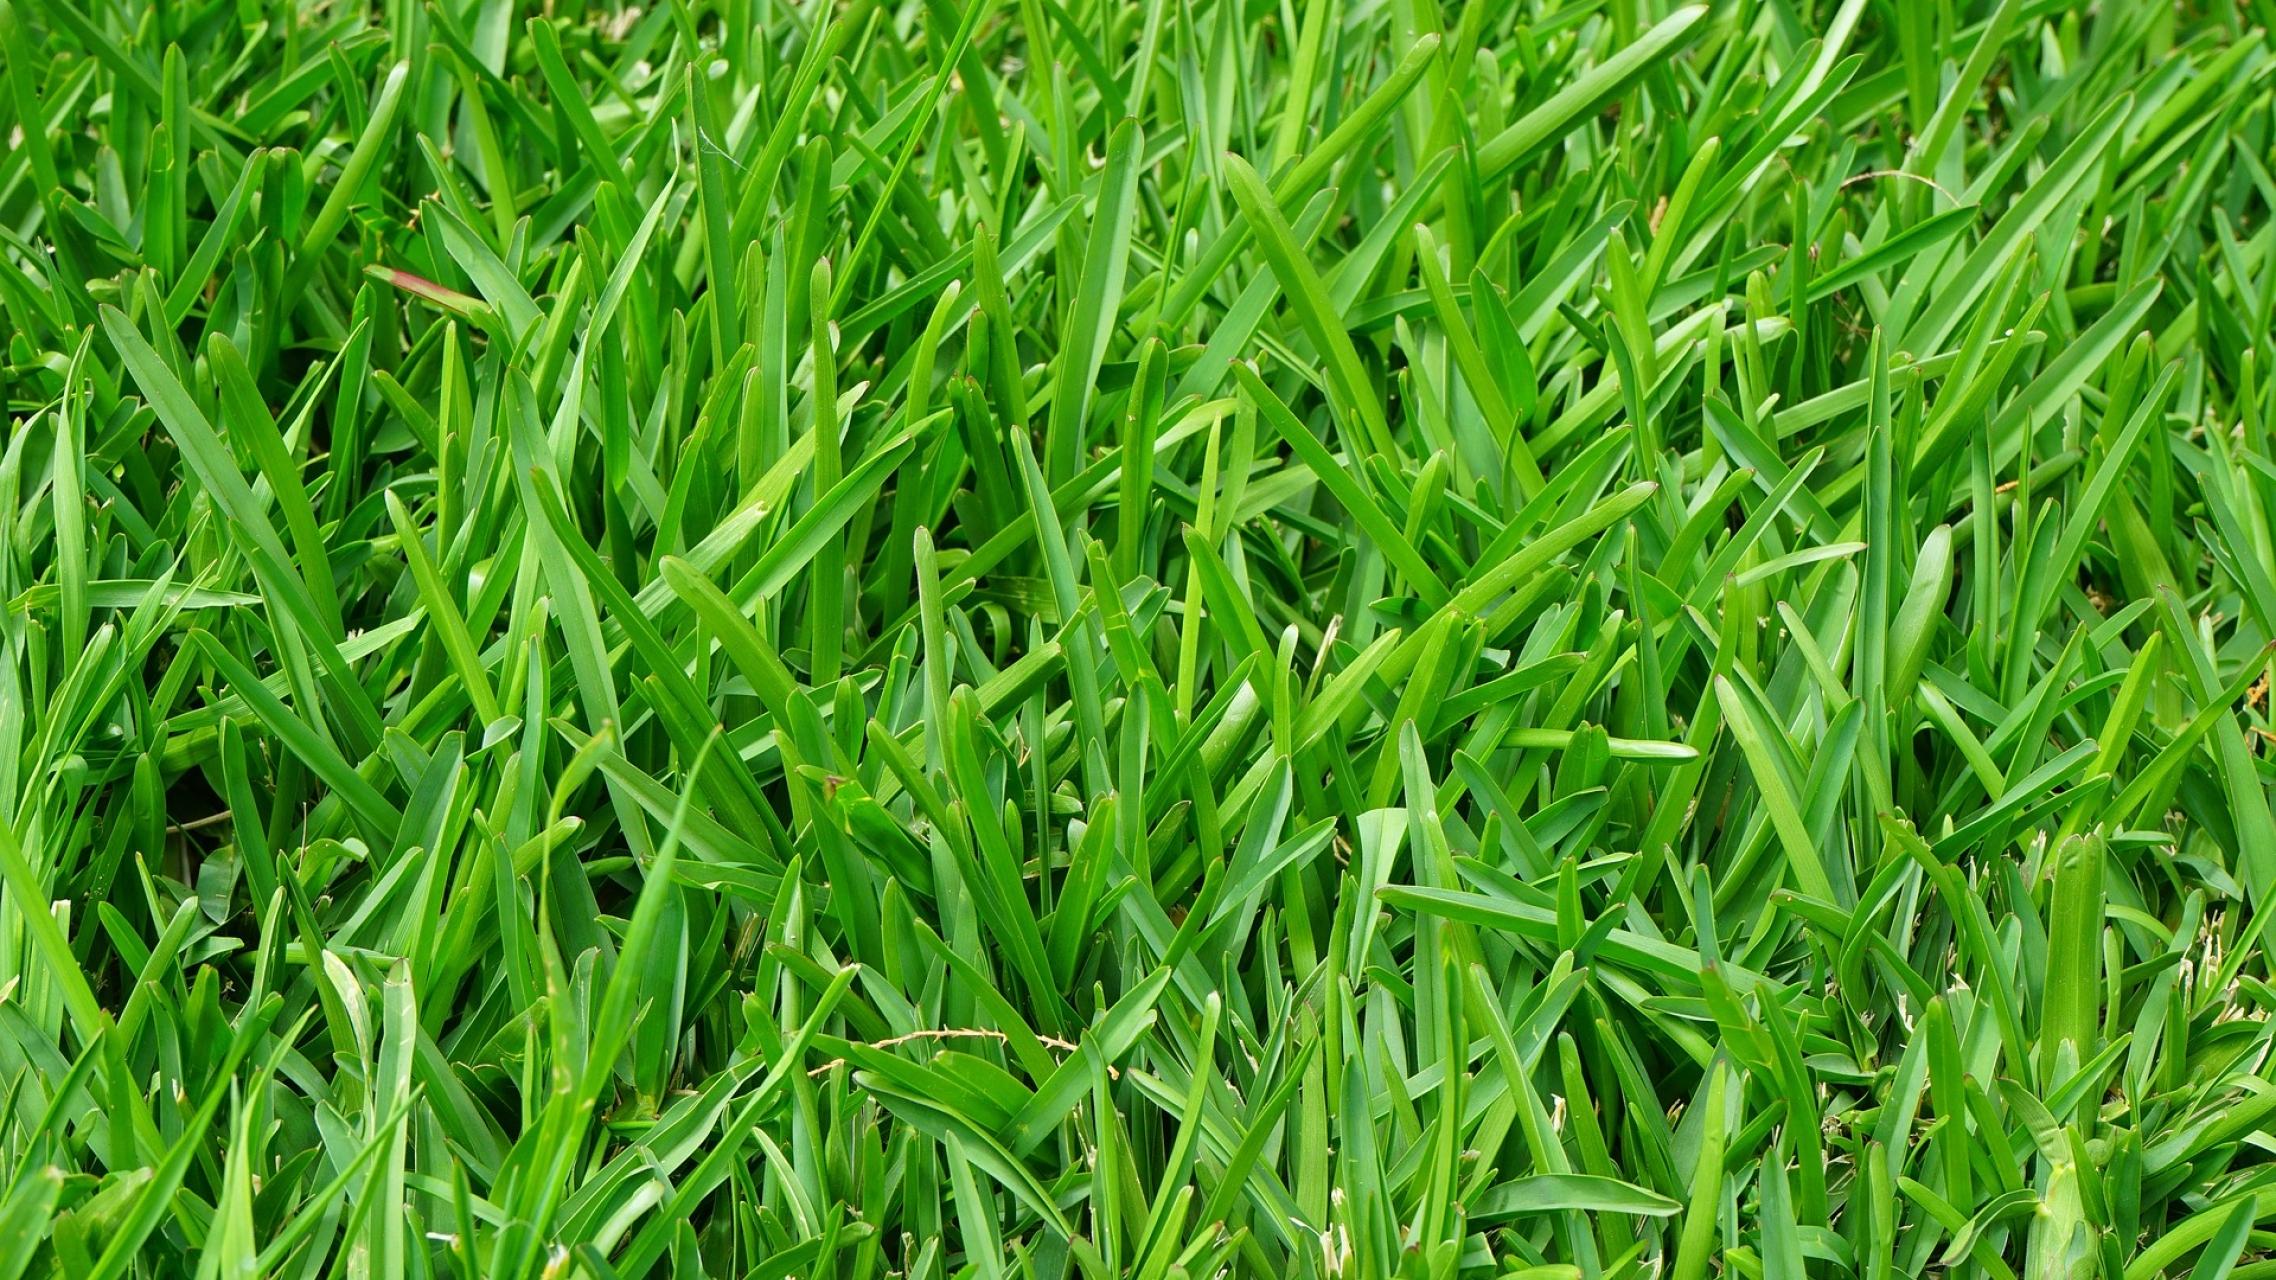 Ryegrass, lawn grass, grass, green grass